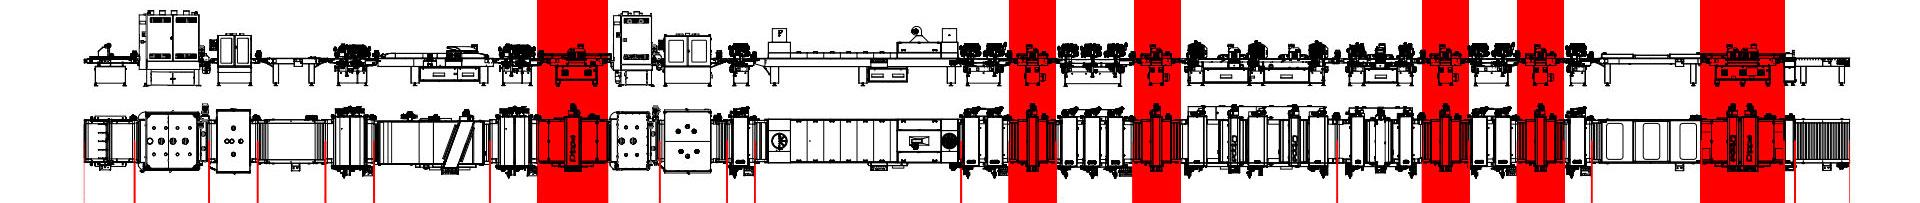 Túnel-de-secagem-por-processo-Ultravioleta-(U.V.)